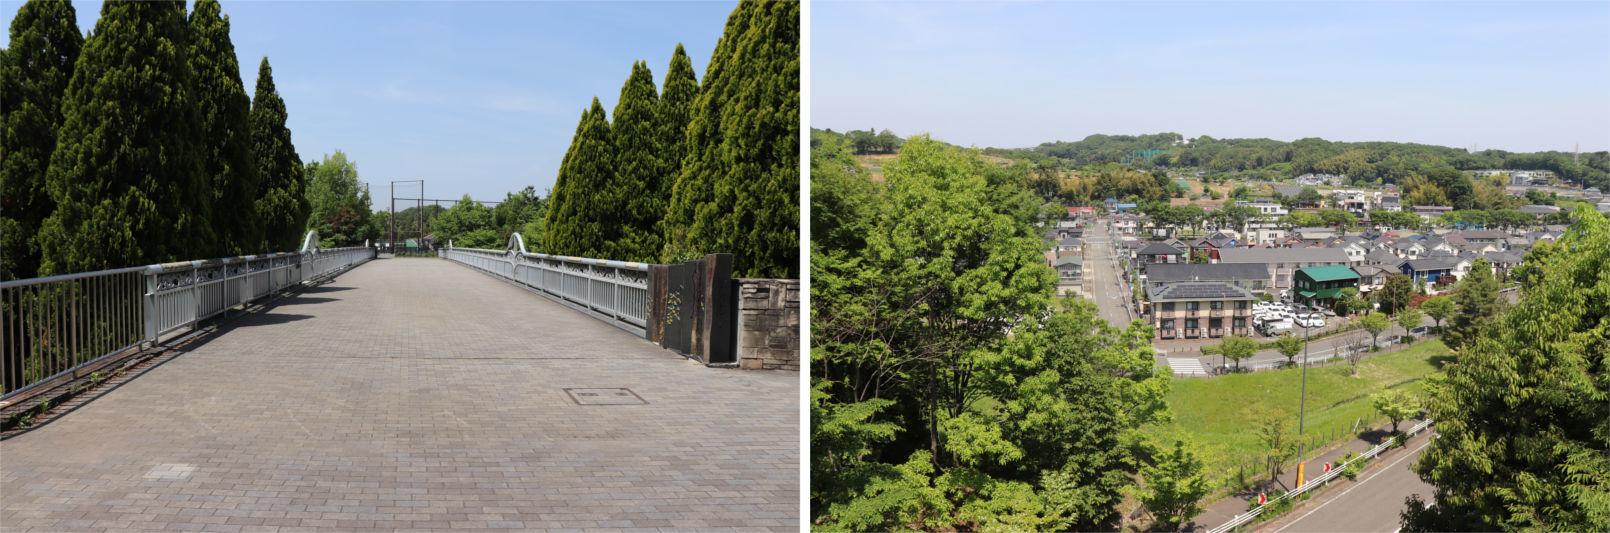 [多摩NTの橋ぜんぶ撮影PJ] No.36~40 上柚木公園周辺の橋_a0332275_01290198.jpg